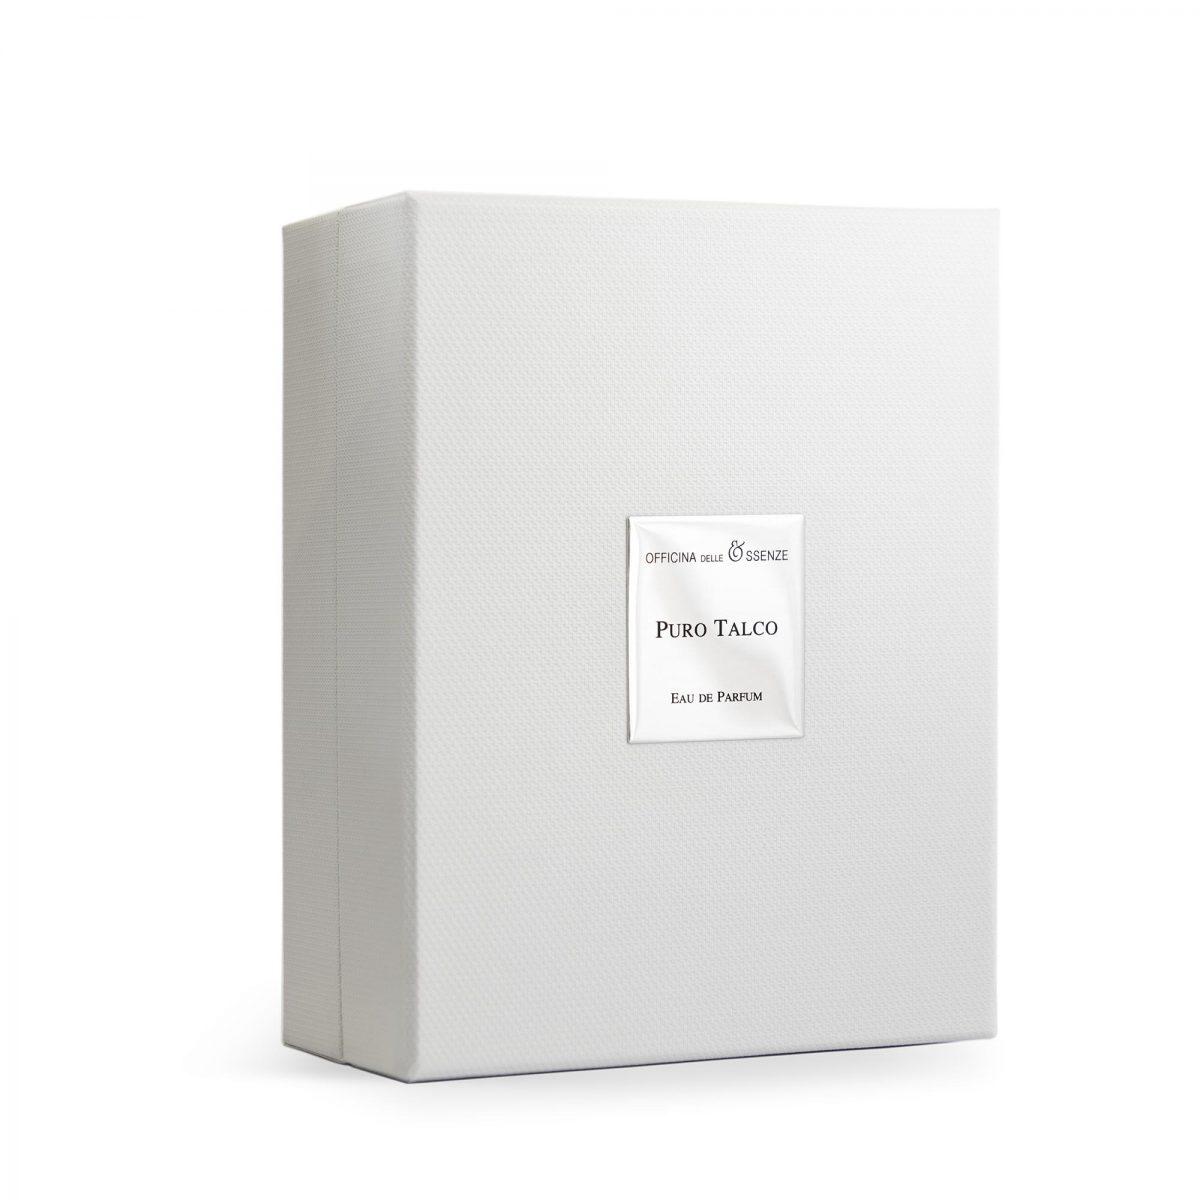 Officina delle Essenze box Puro Talco